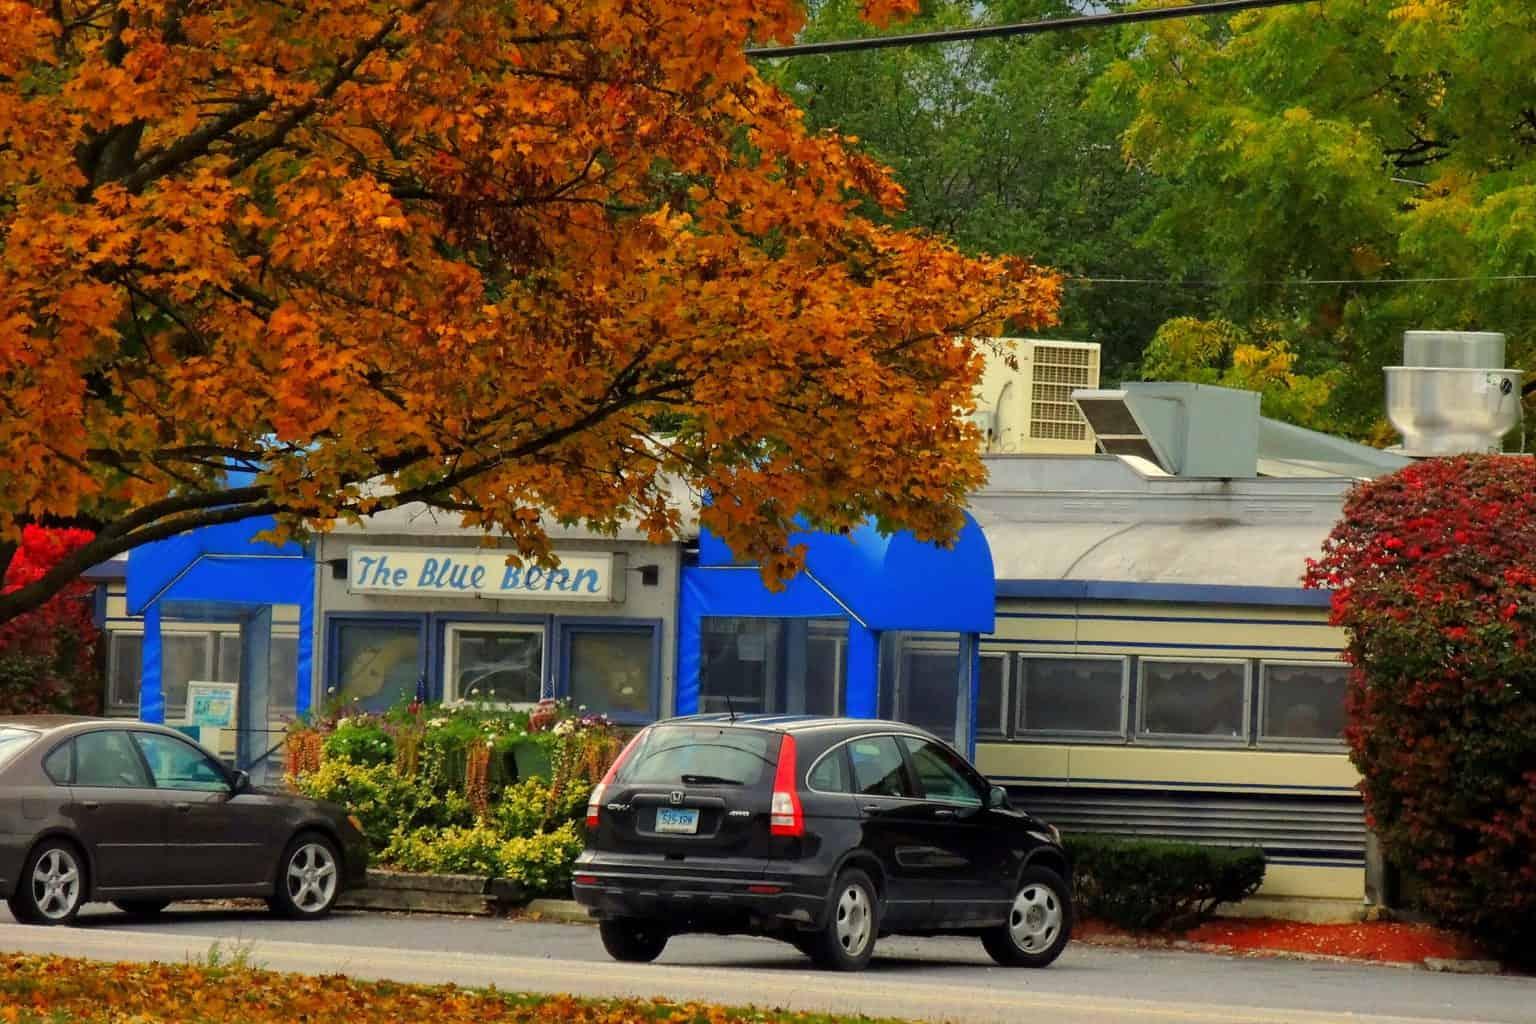 The Blue Benn in Vermont.